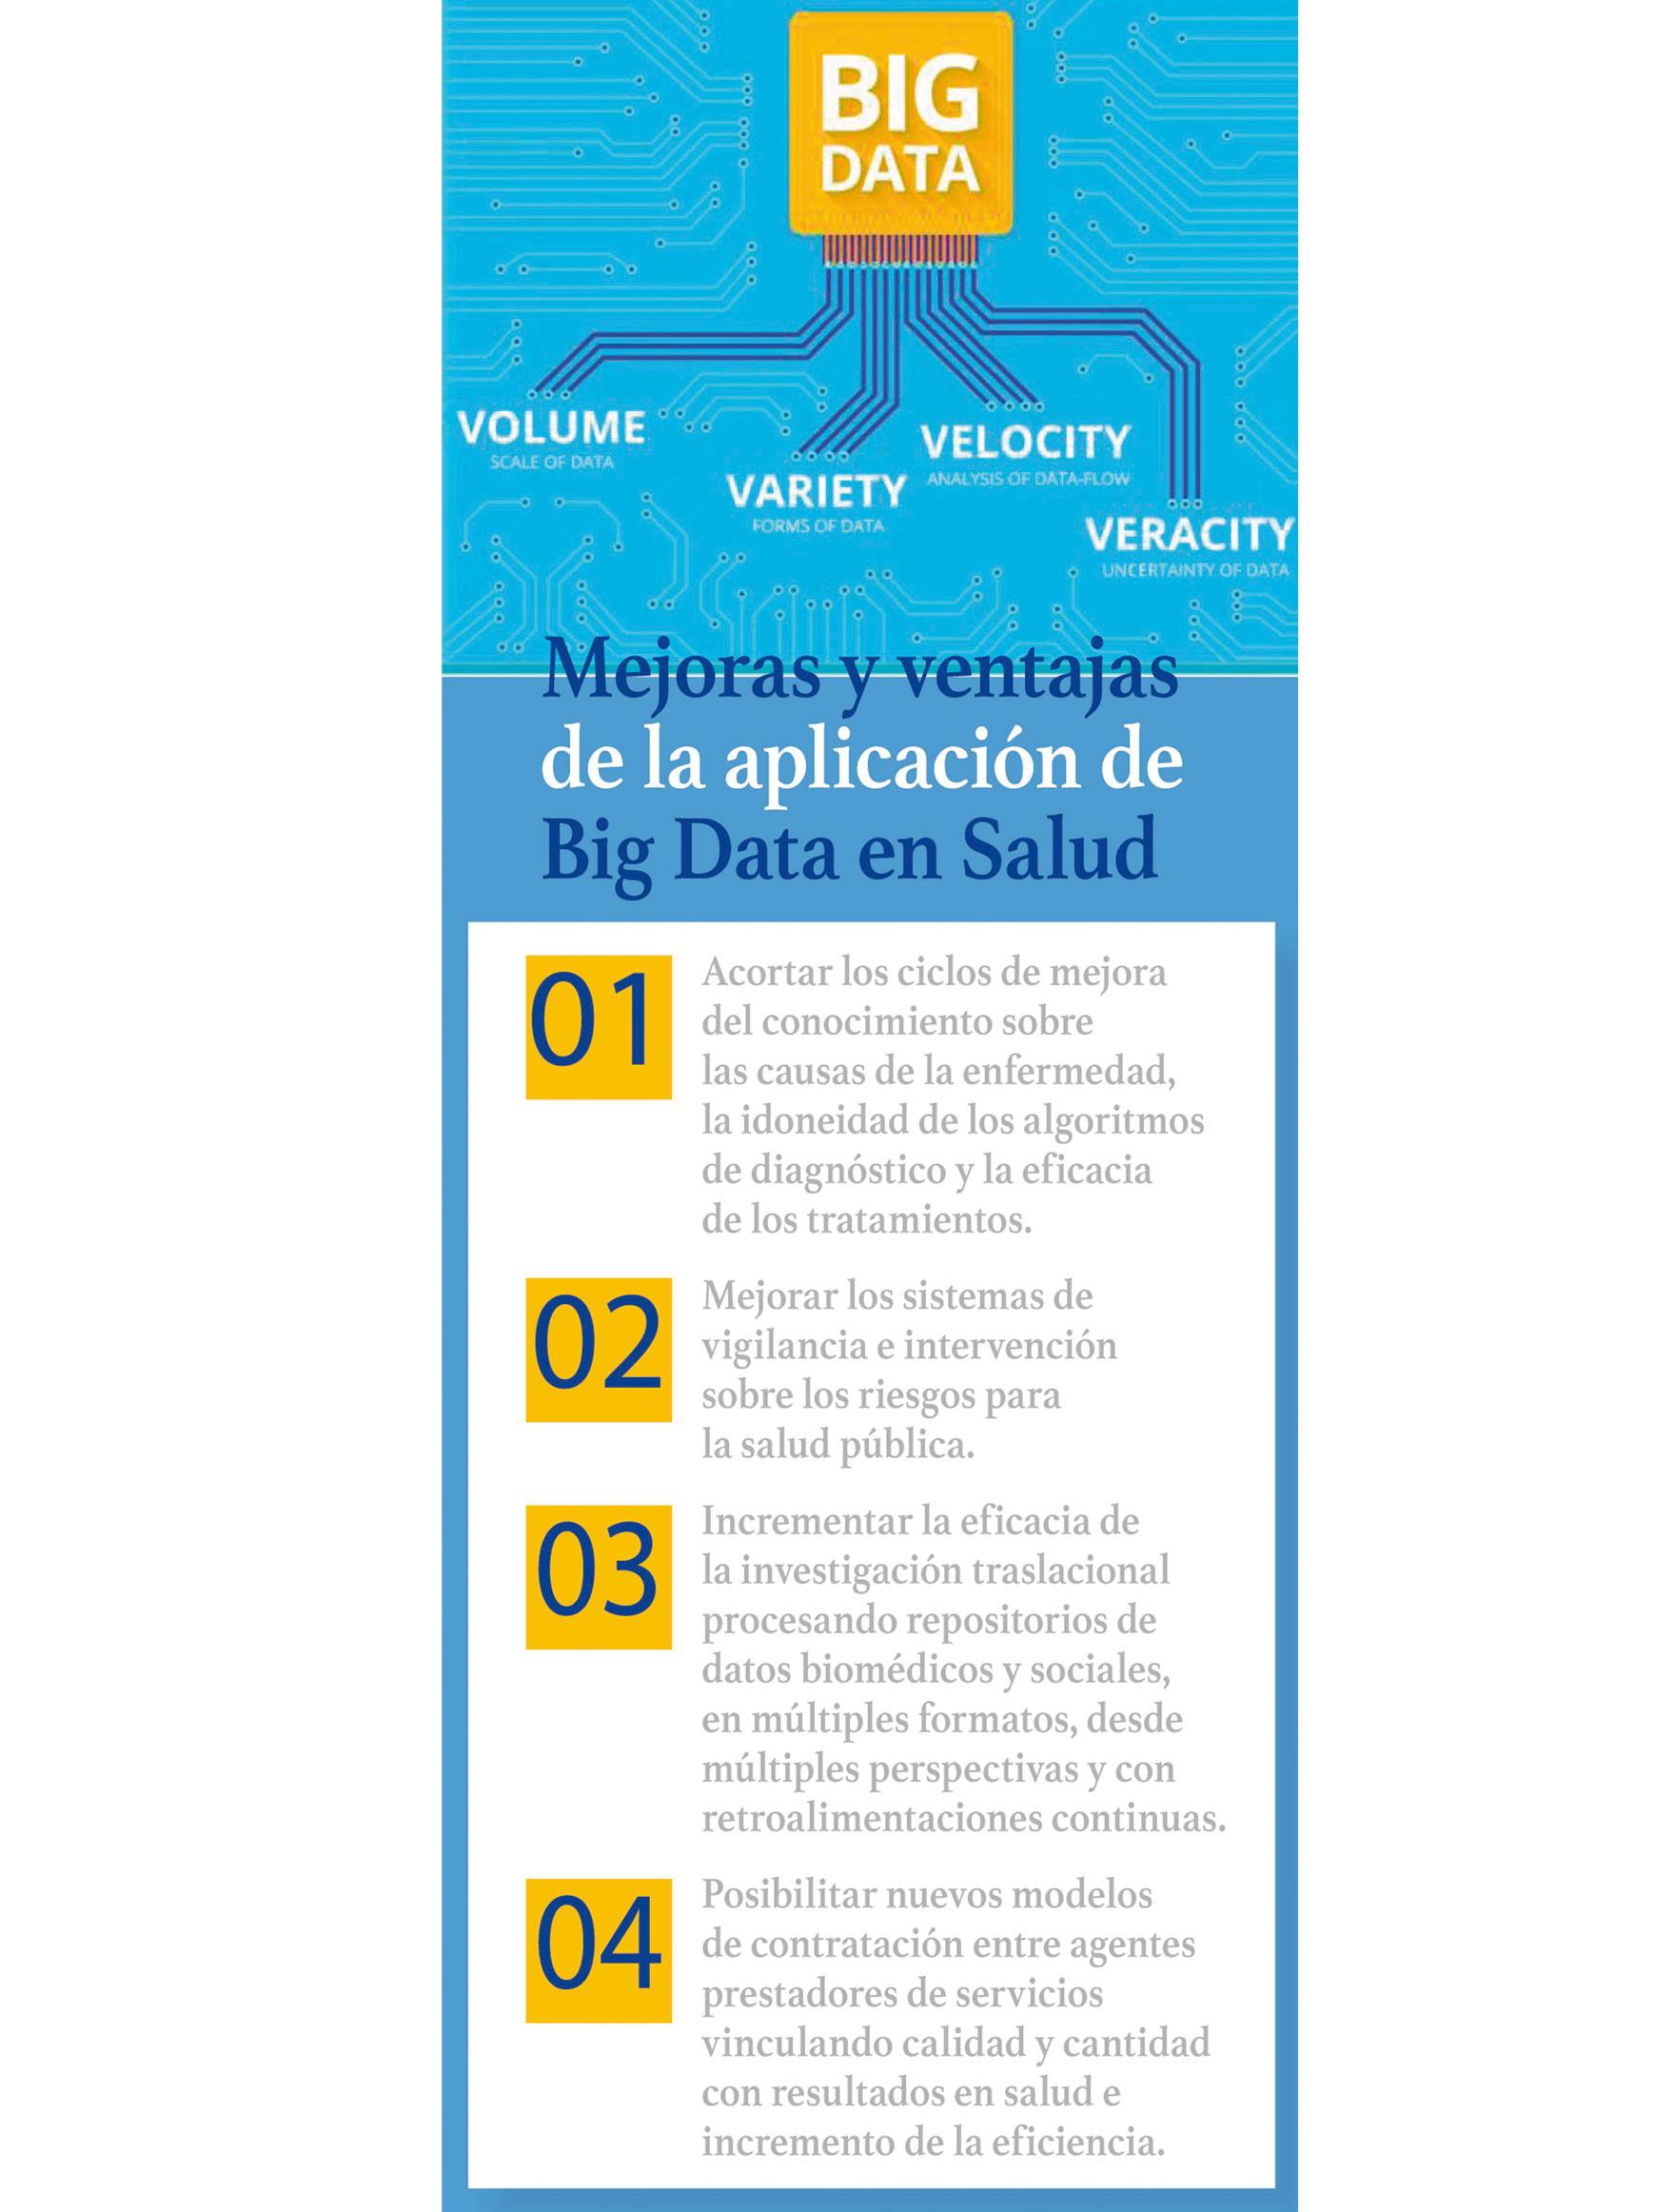 Mejoras y ventajas de la aplicación de Big Data en Salud